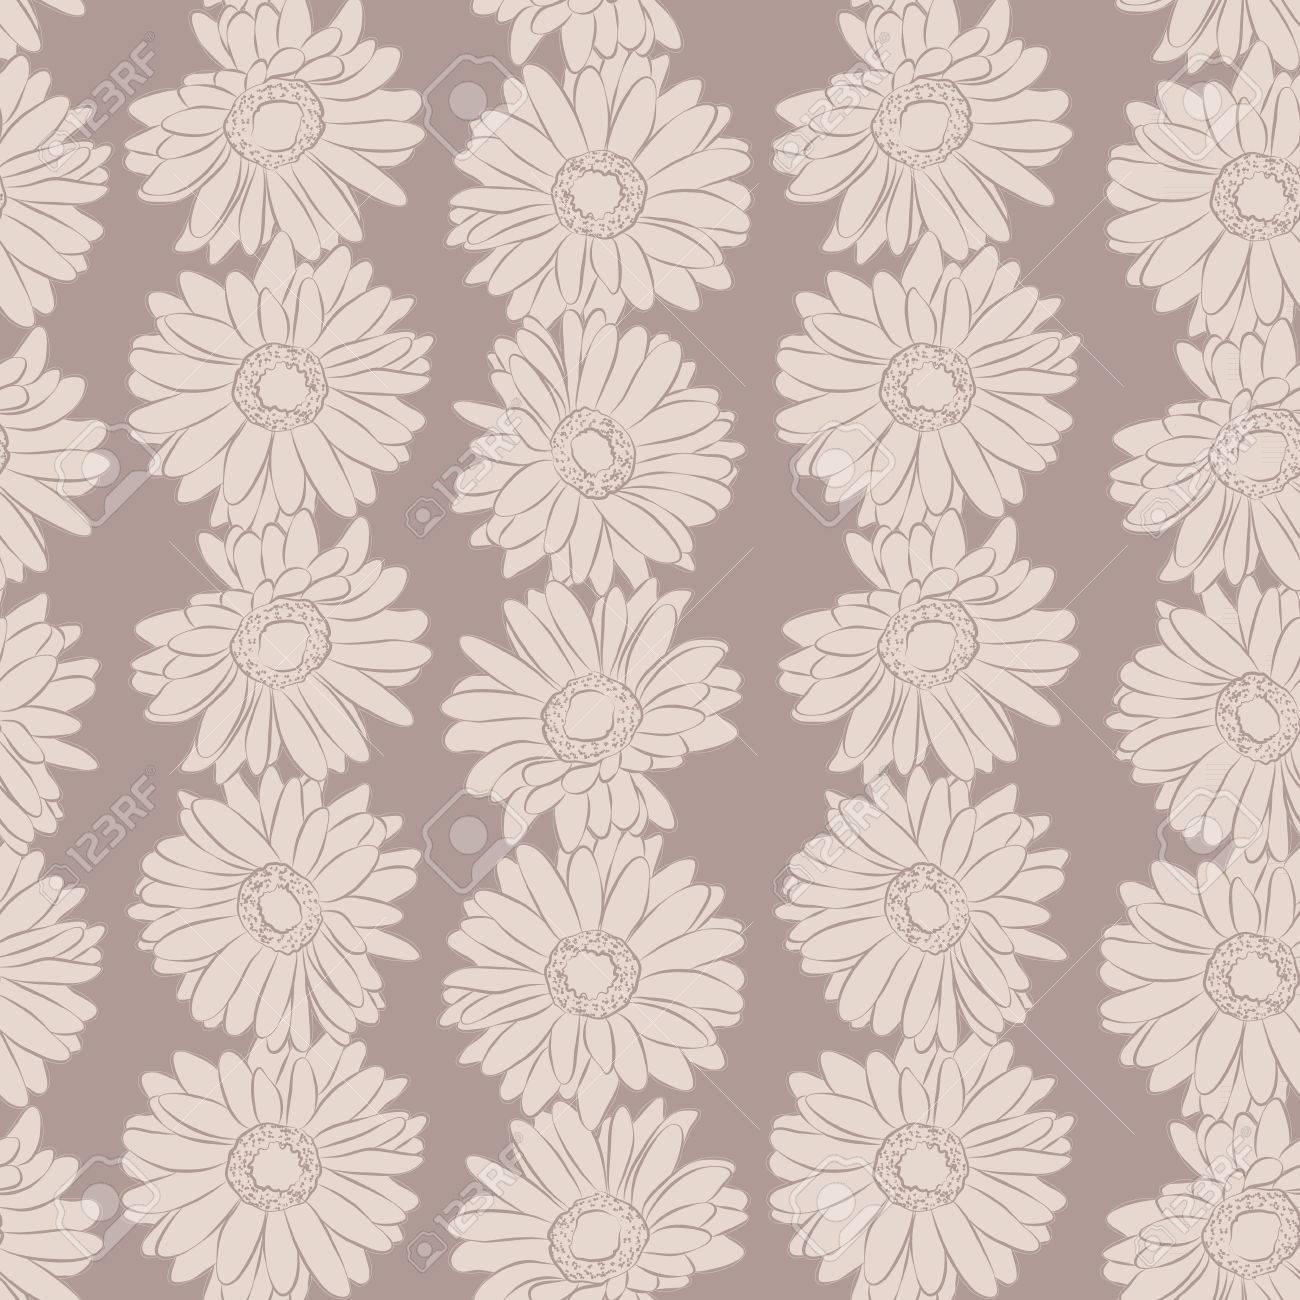 Vintage Floral Print Vintage Floral Print Seamless Background Template For Design